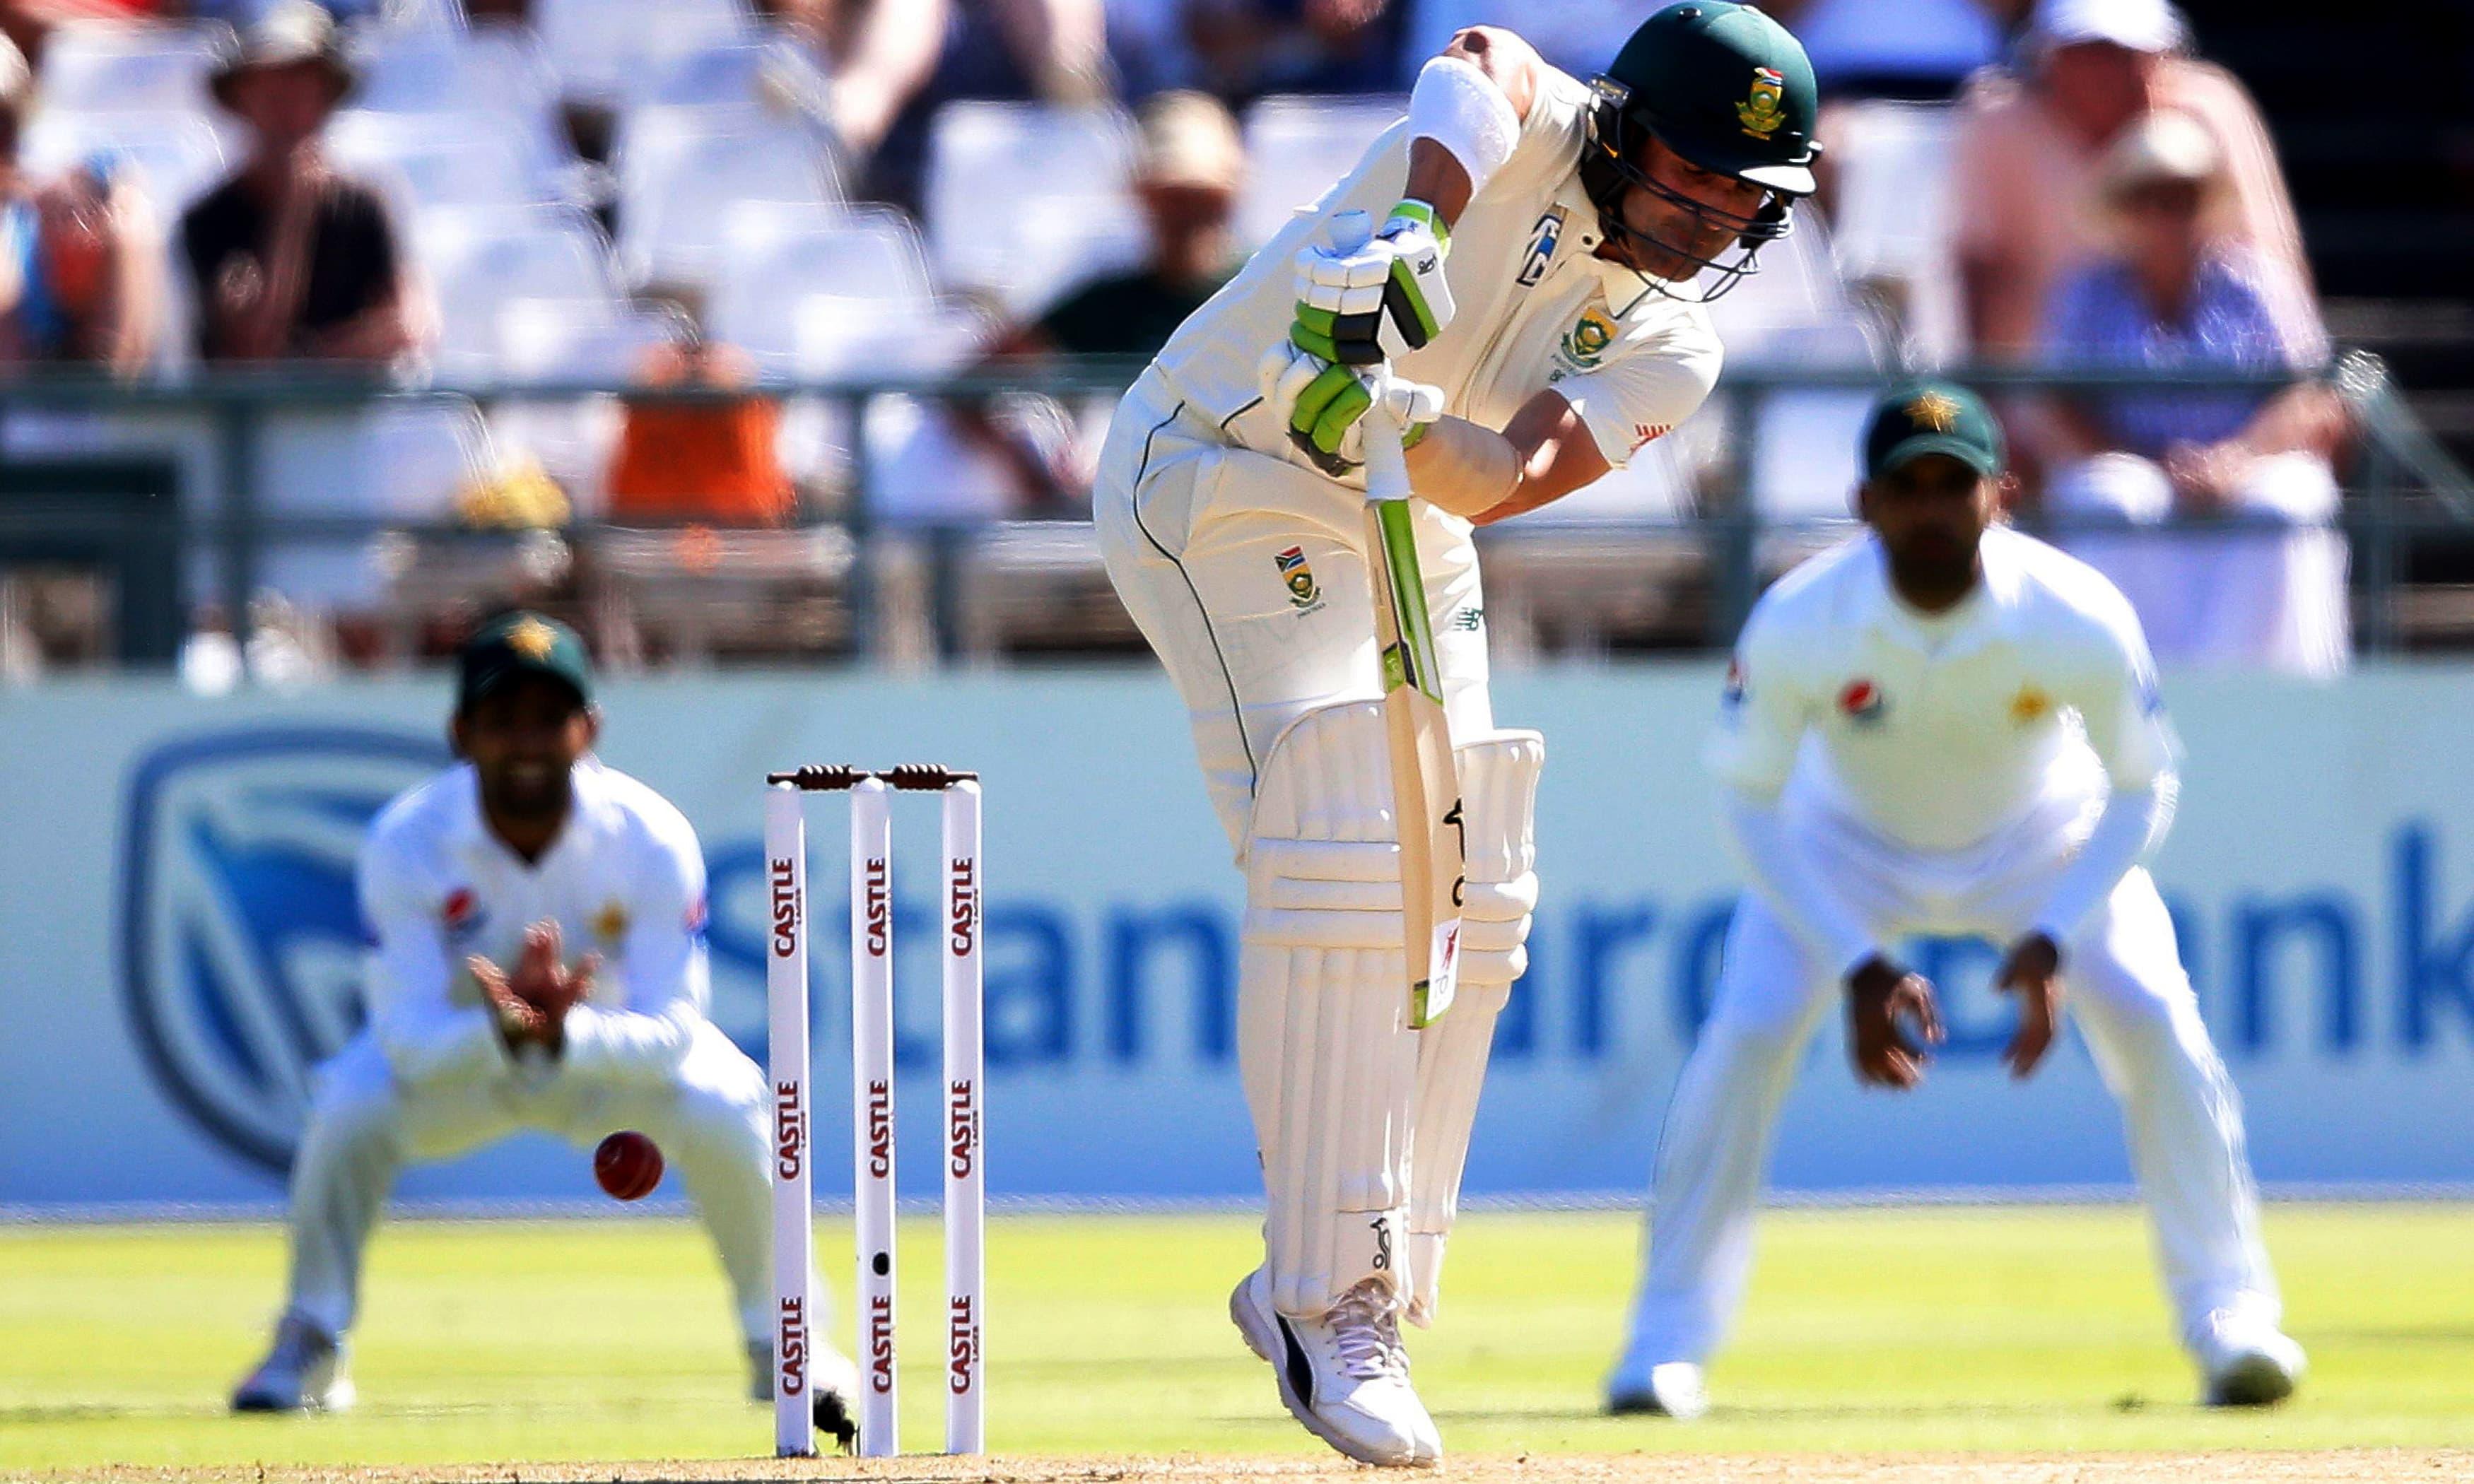 South African batsman Dean Elgar plays a shot. —AFP